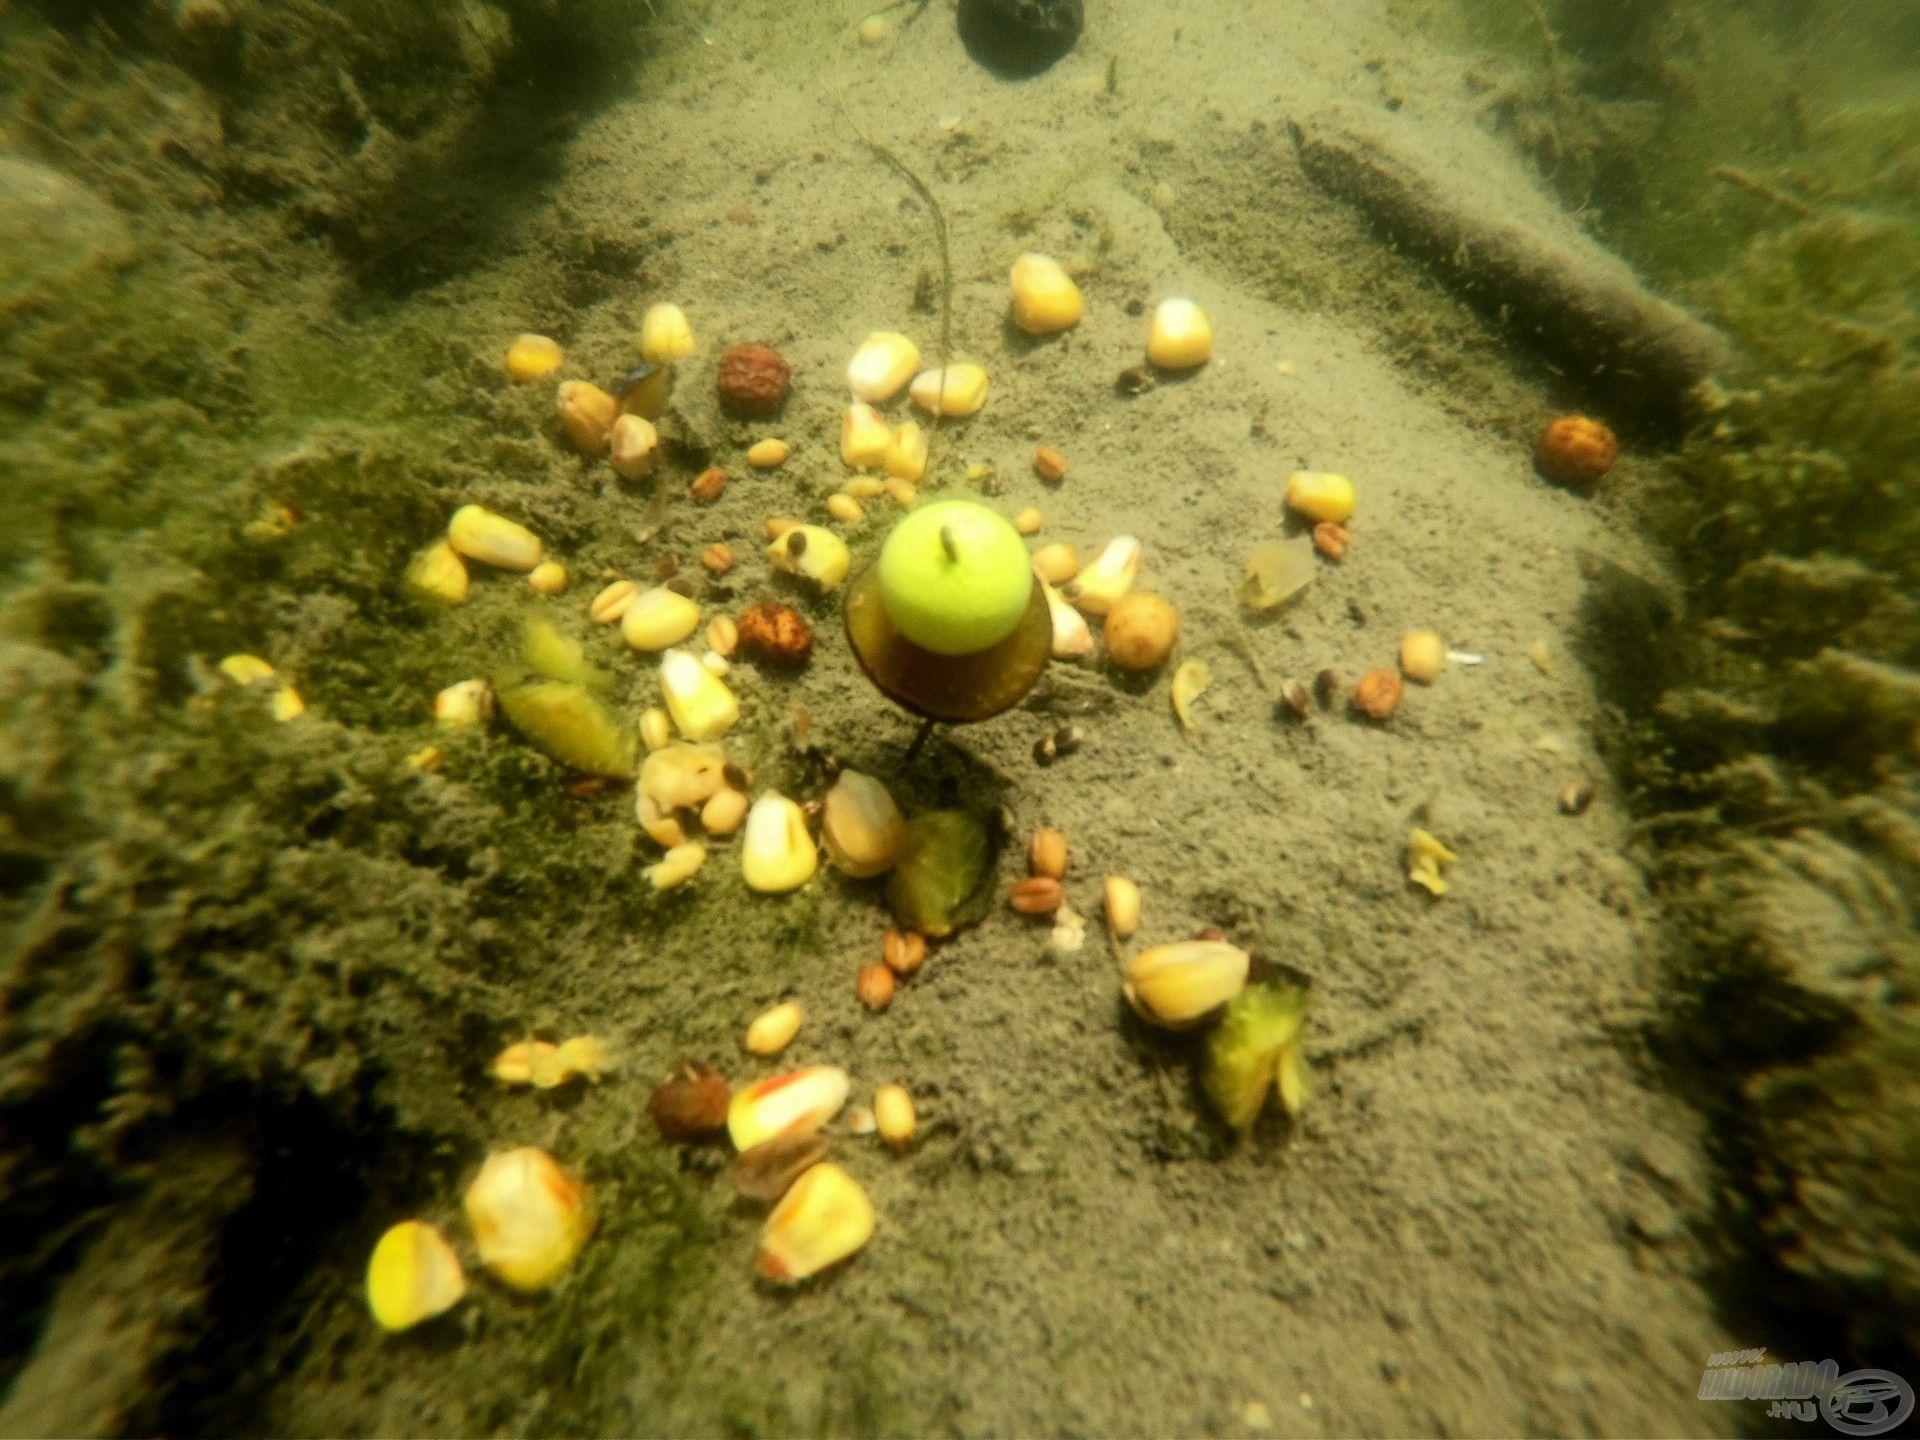 Ennyit lát az amur mielőtt felhörpinti a csemegéket